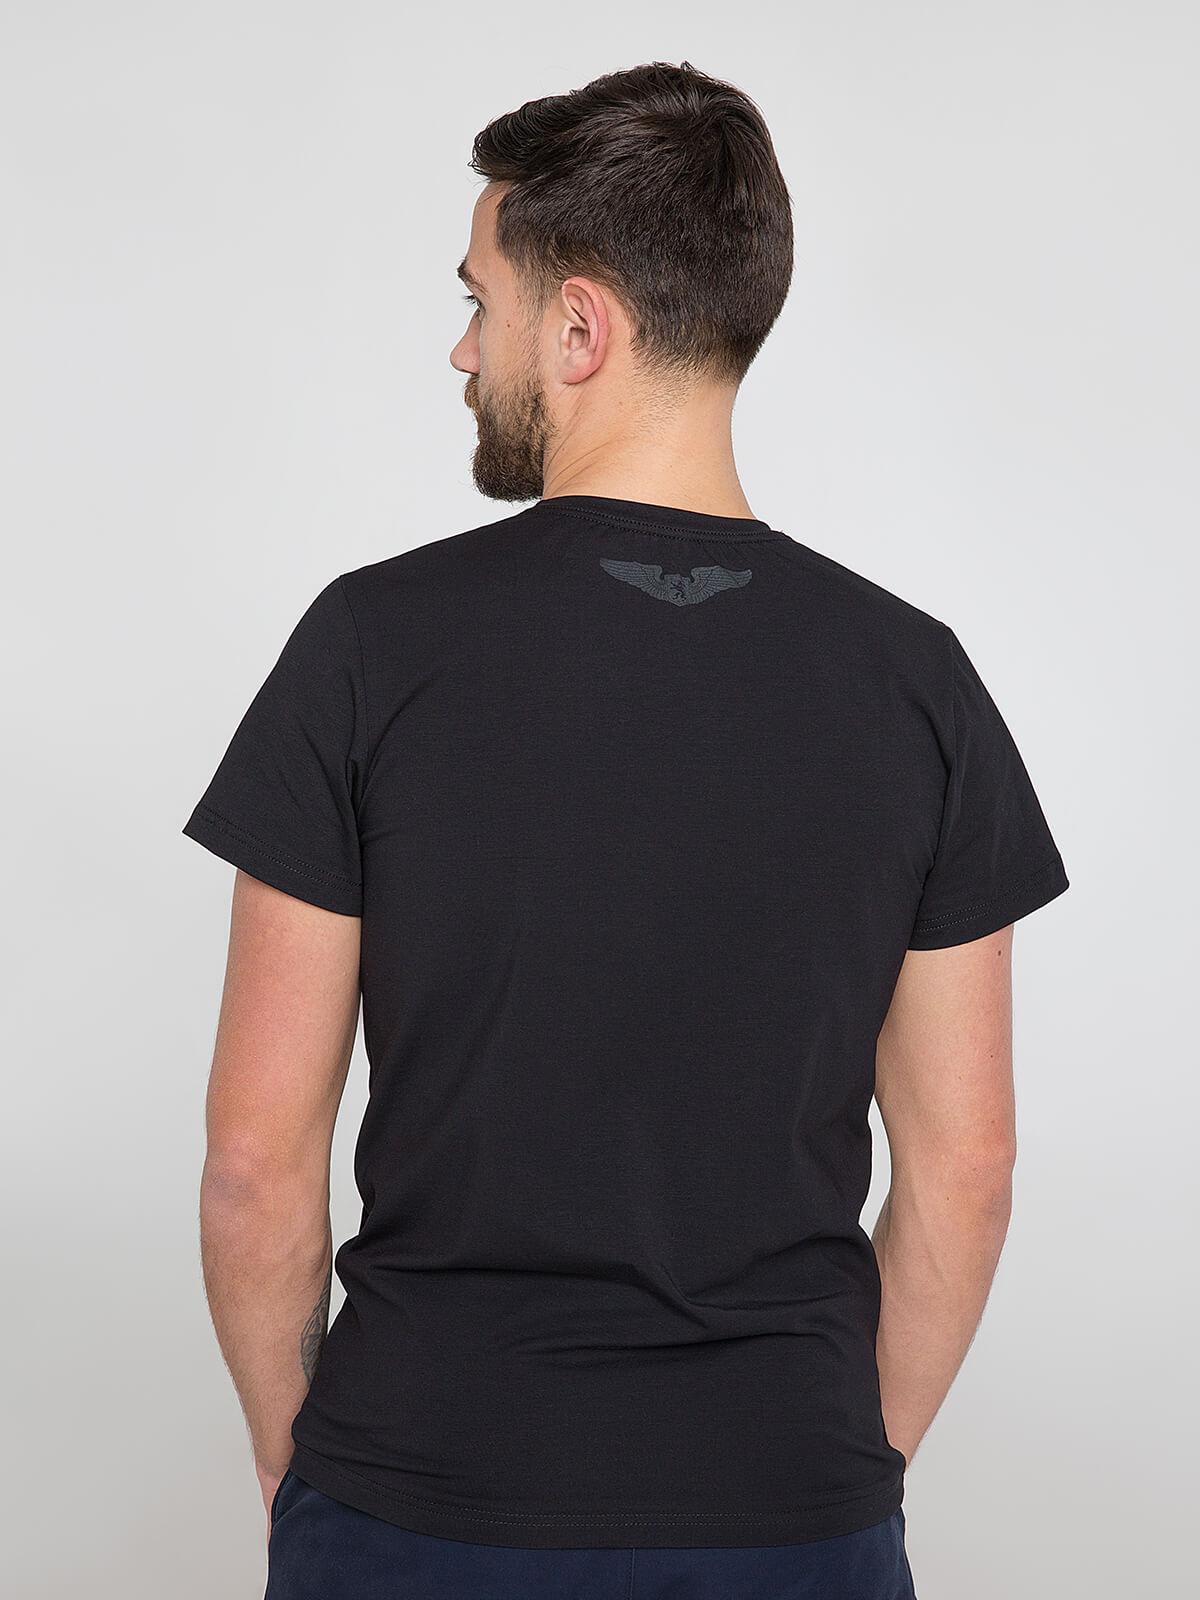 Men's T-Shirt Syla. Color black.  Material: 95% cotton, 5% spandex.